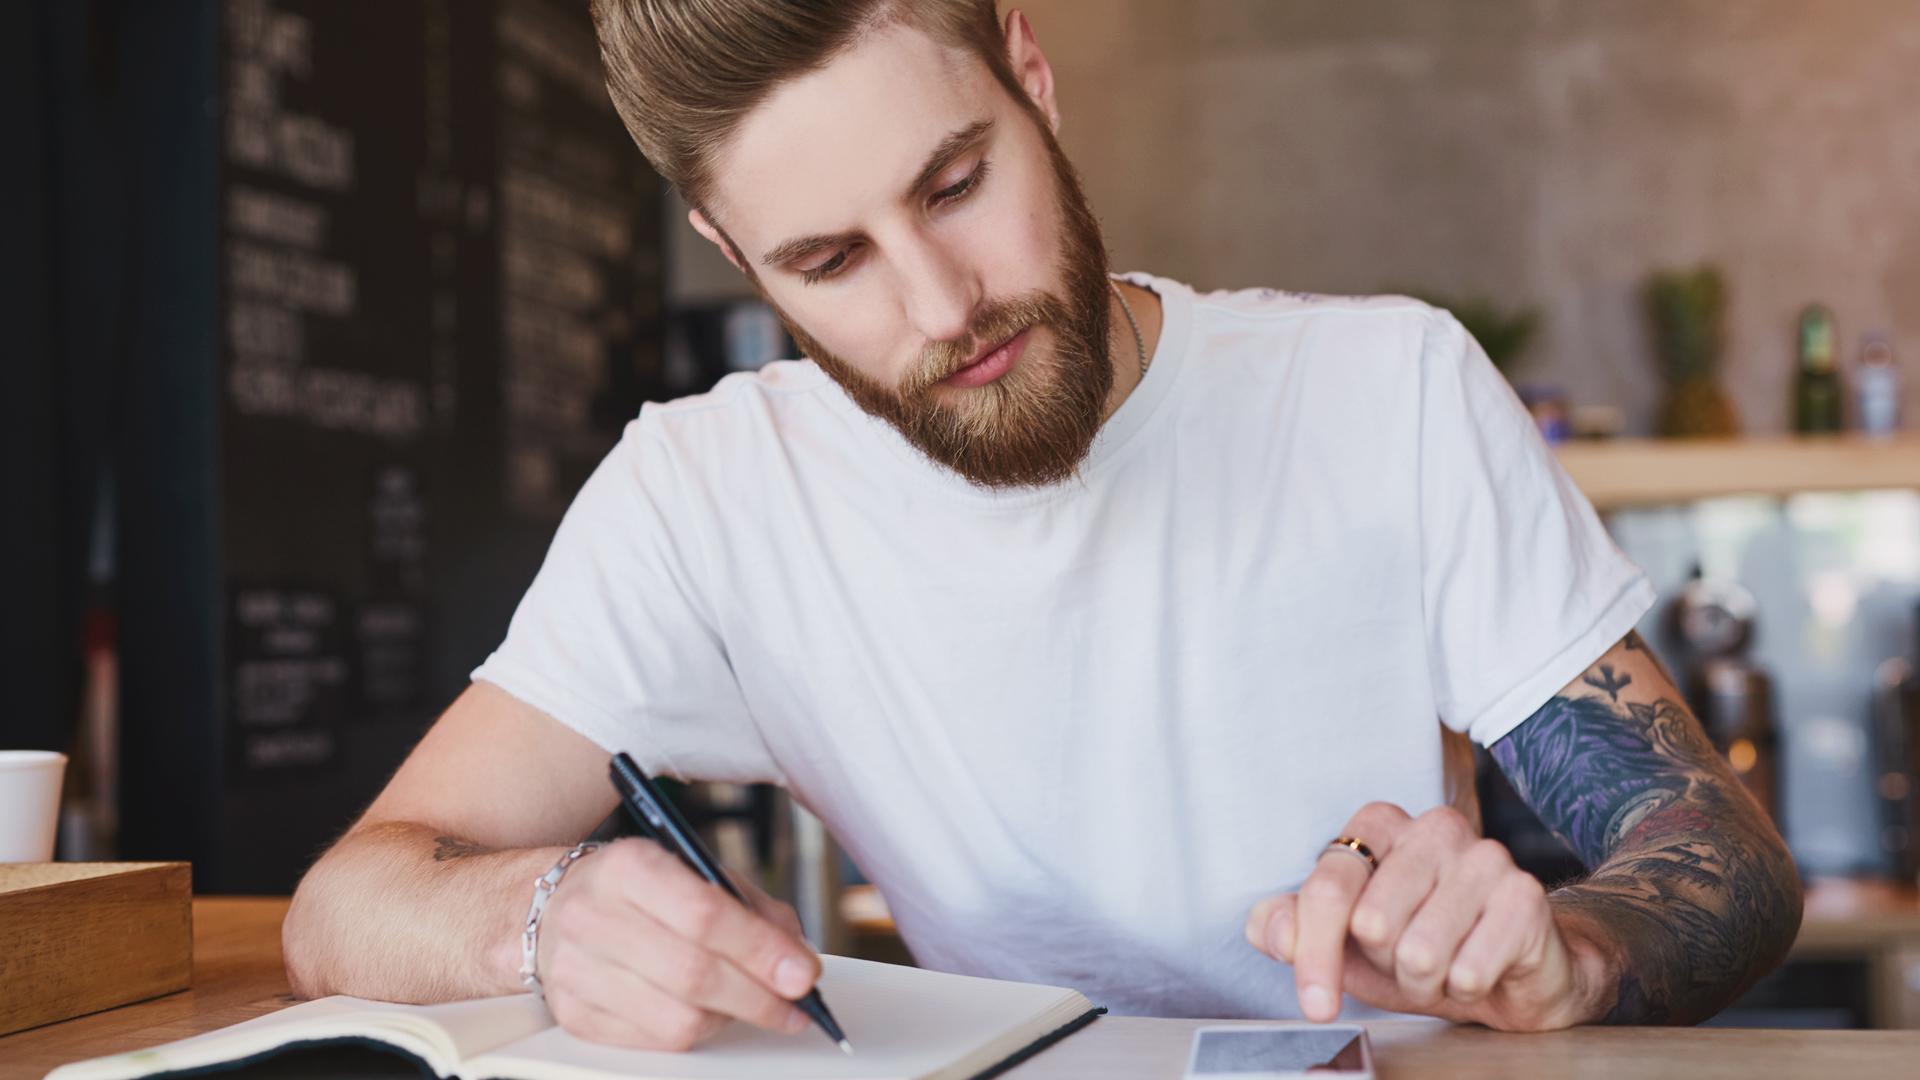 Orçamento empresarial: entenda melhor o que é e como elaborá-lo